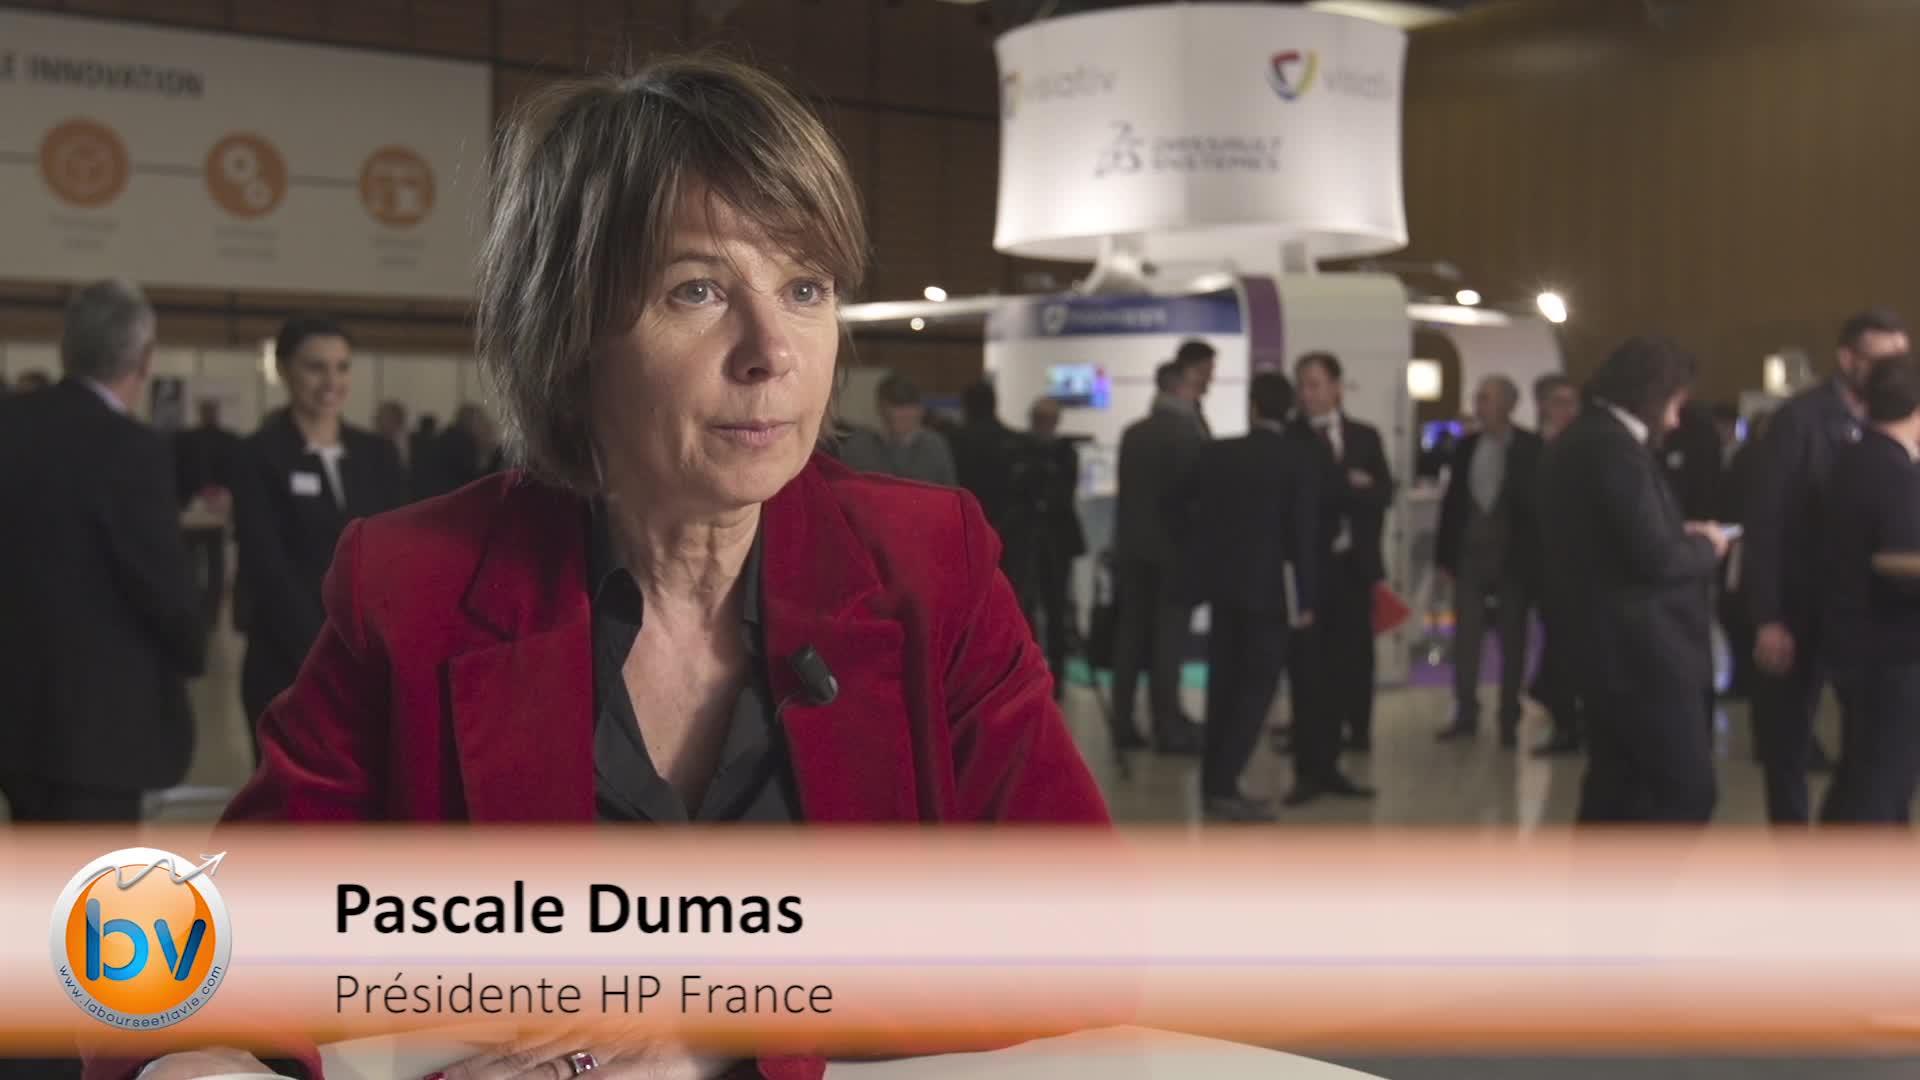 """Pascale Dumas Présidente HP France : """"La transformation numérique est porteuse de progrès et d'opportunités"""""""